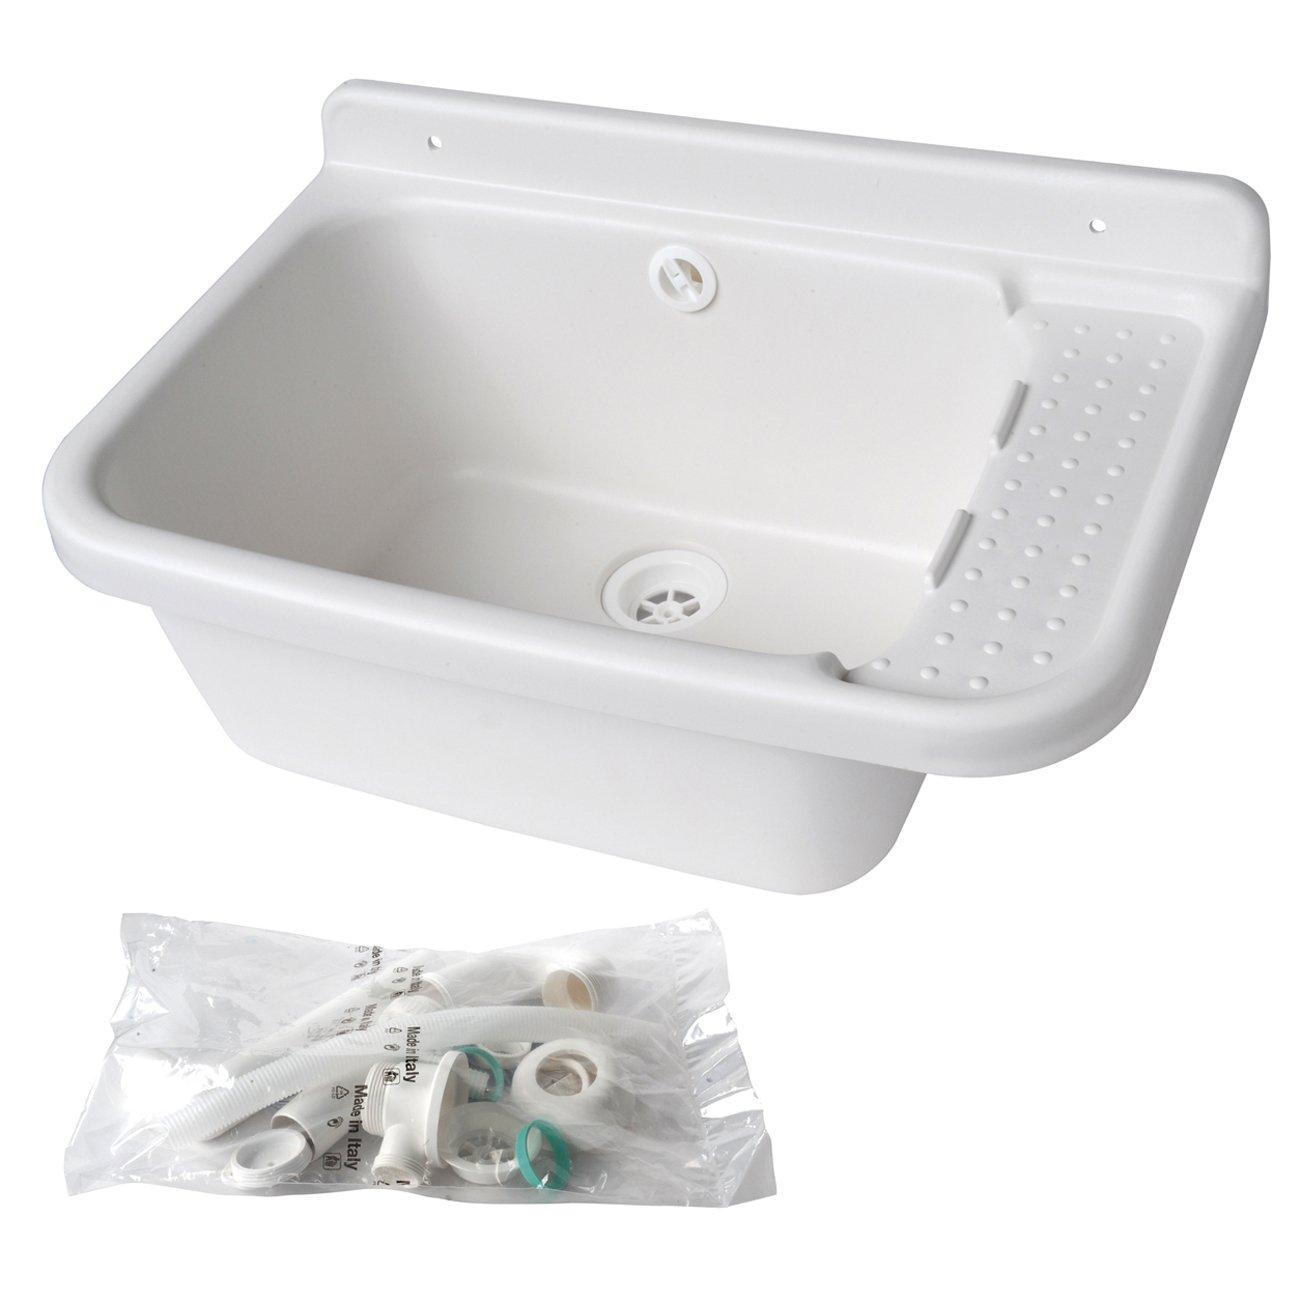 The Ventilation lavsg60-y Sink pilozzo in Resin, White, 600x 420x 300mm by La Ventilazione